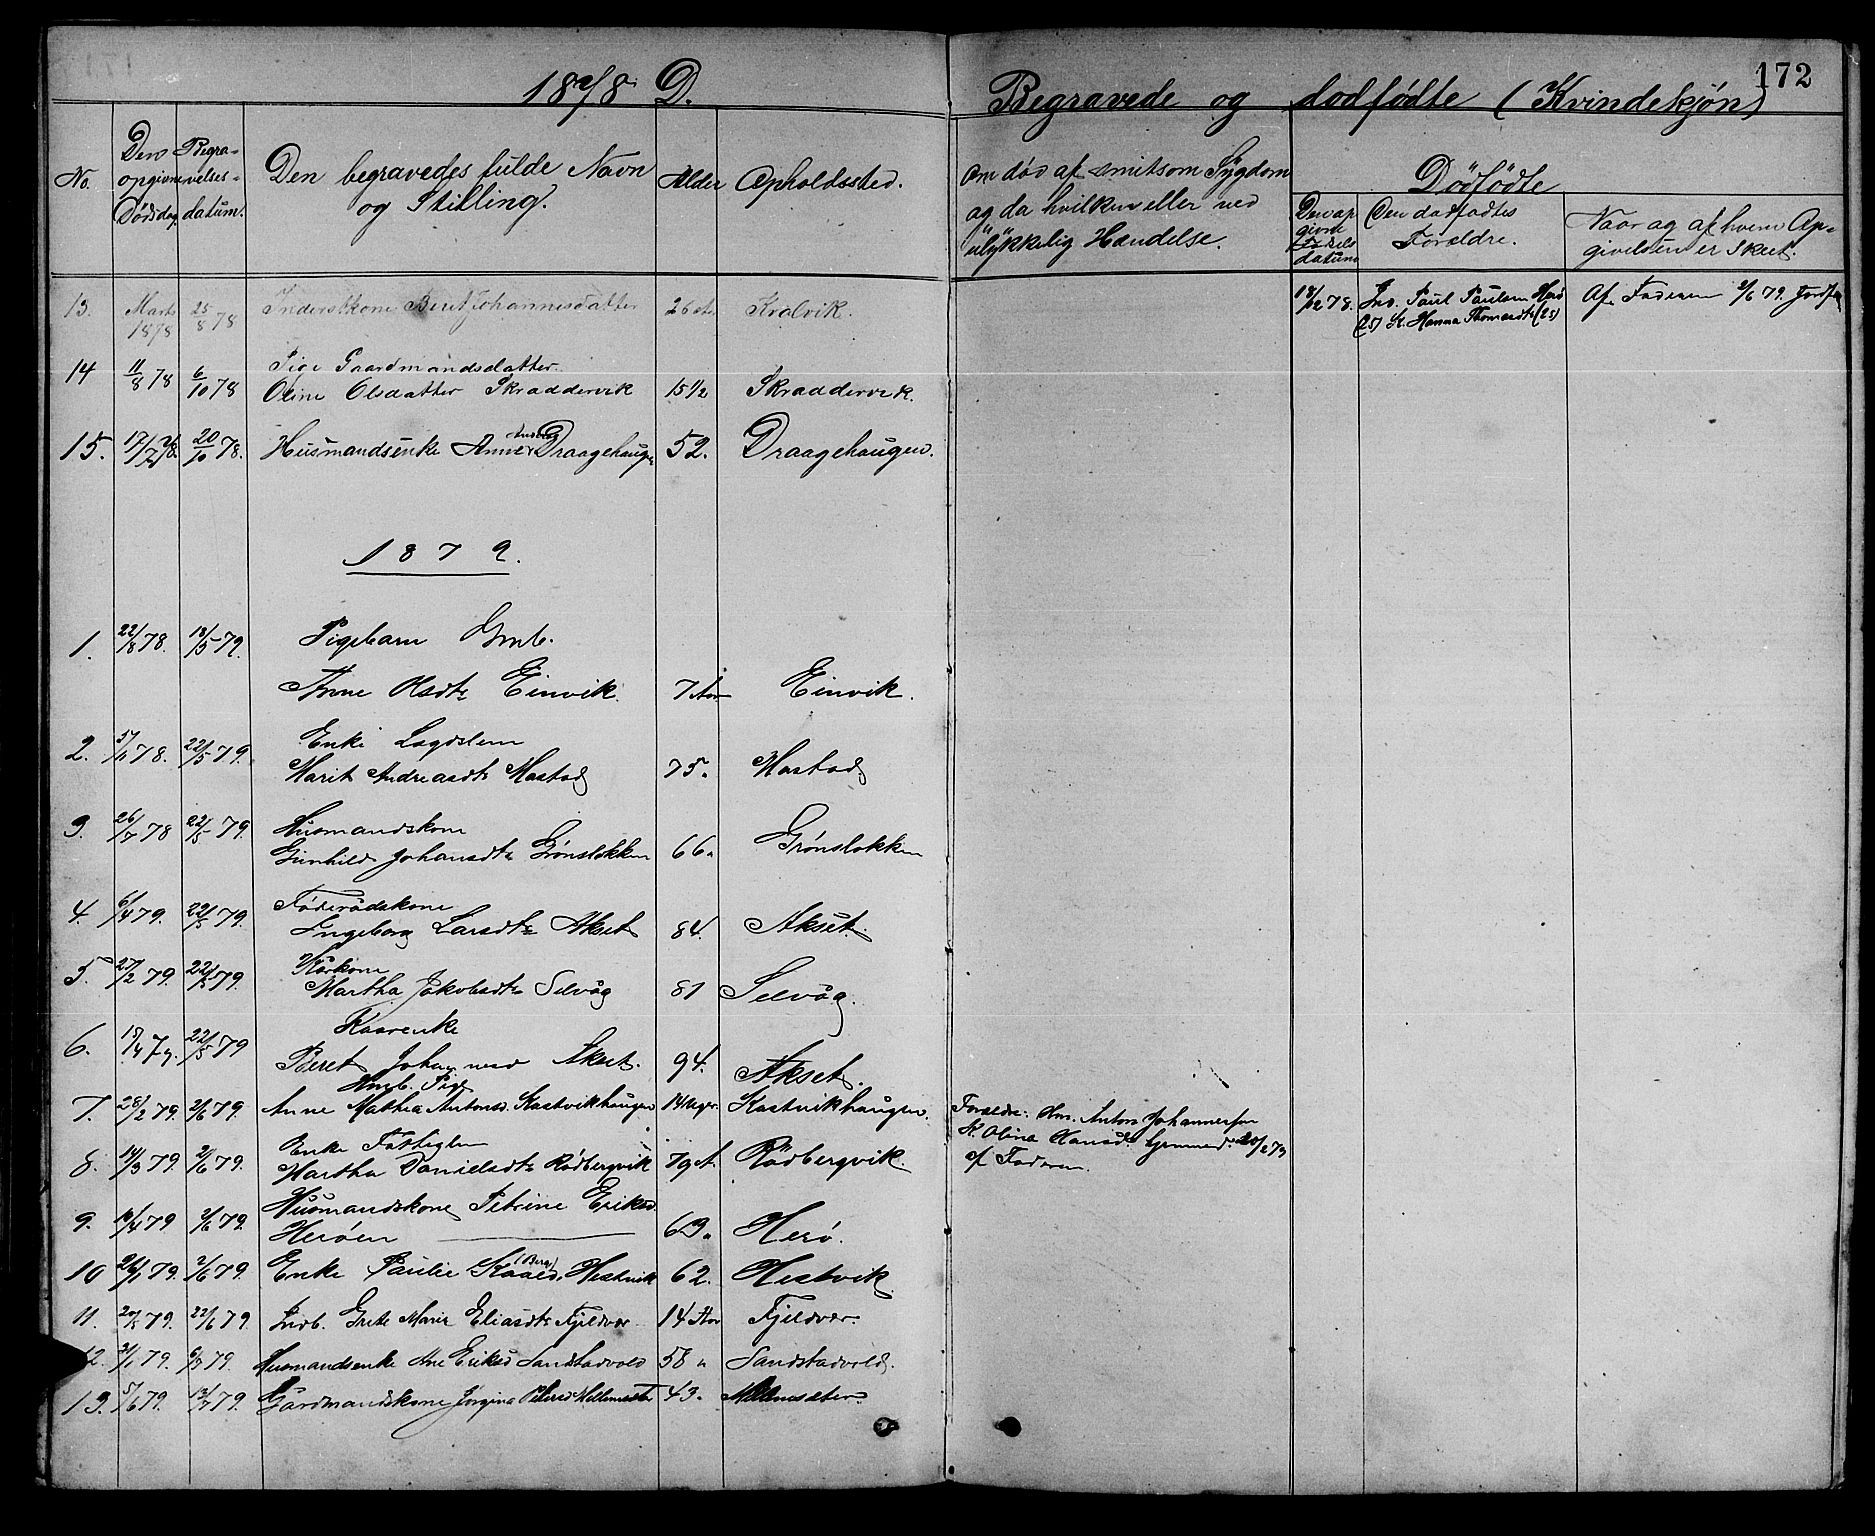 SAT, Ministerialprotokoller, klokkerbøker og fødselsregistre - Sør-Trøndelag, 637/L0561: Klokkerbok nr. 637C02, 1873-1882, s. 172